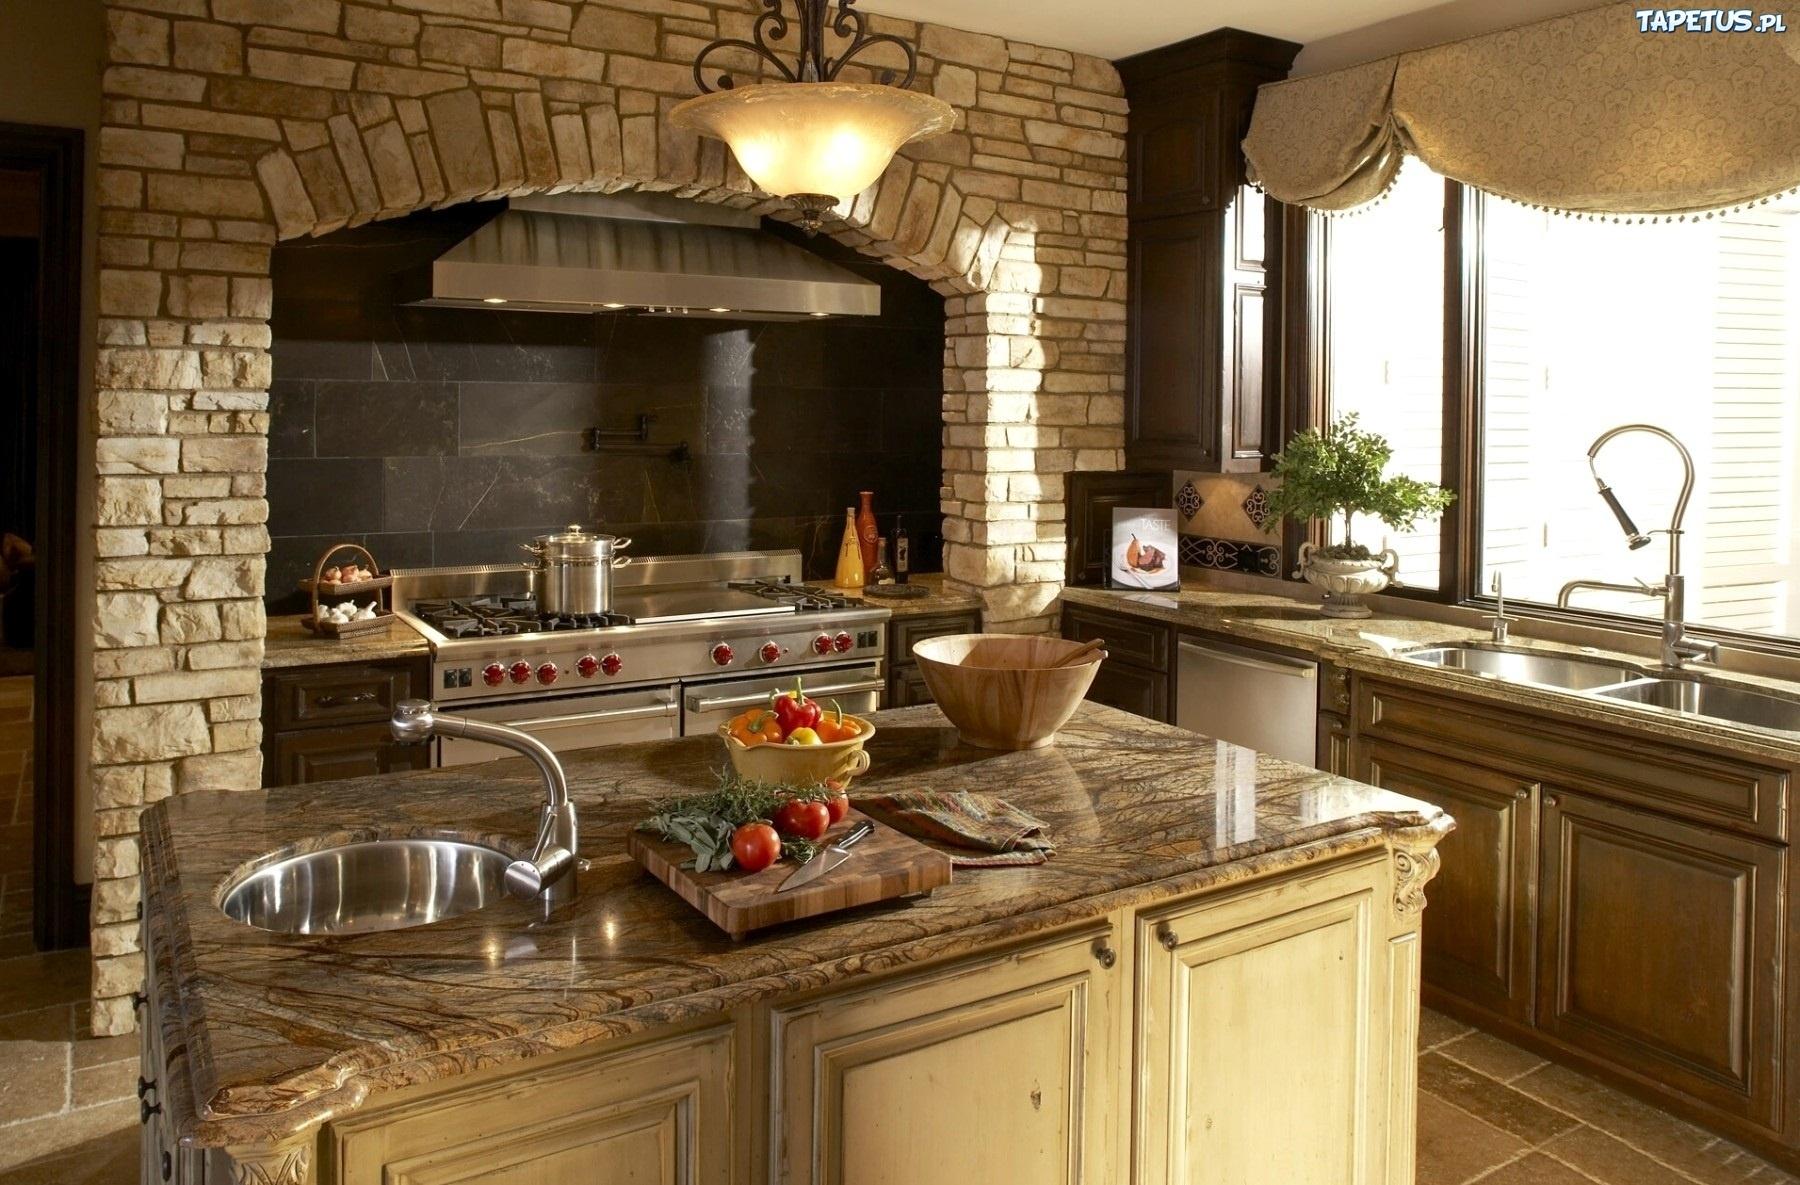 Wnętrze, Domu, Kuchnia, Meble, Wyposażenie